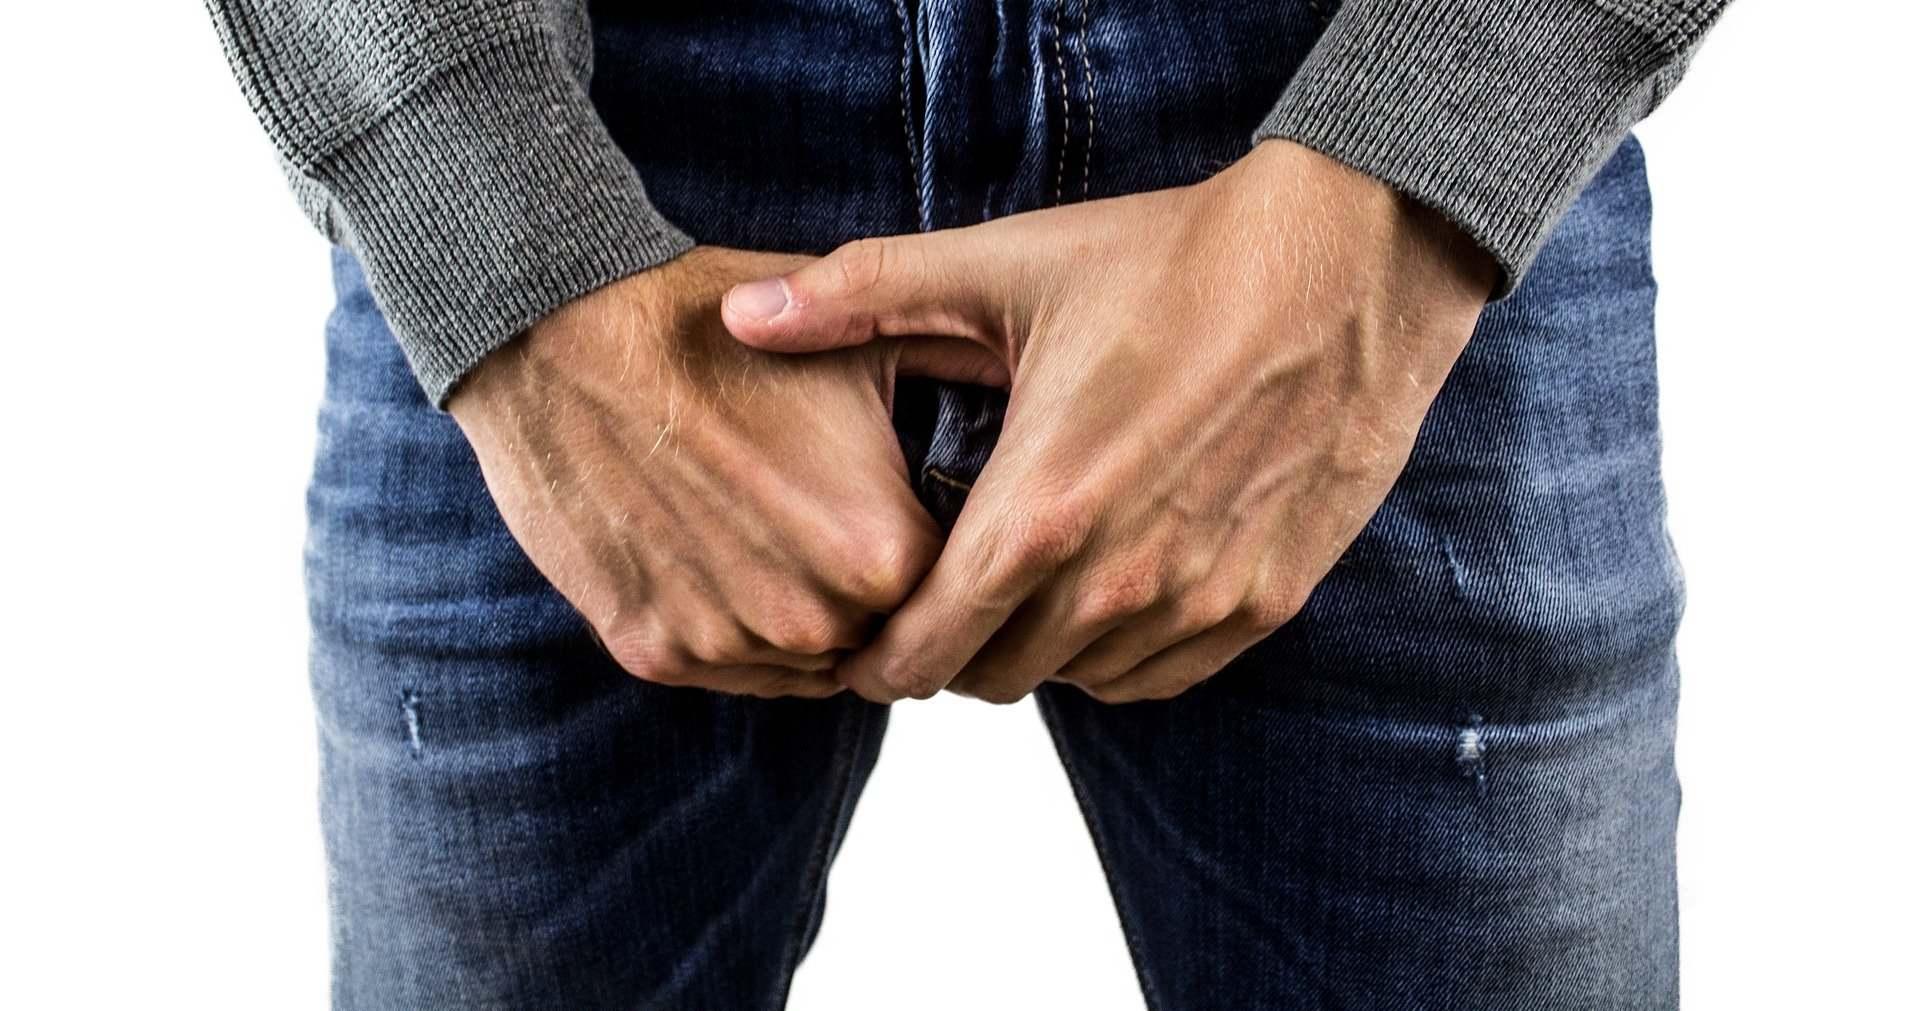 prosztata műtét utáni torna fájdalom a hasi prosztatitis alján